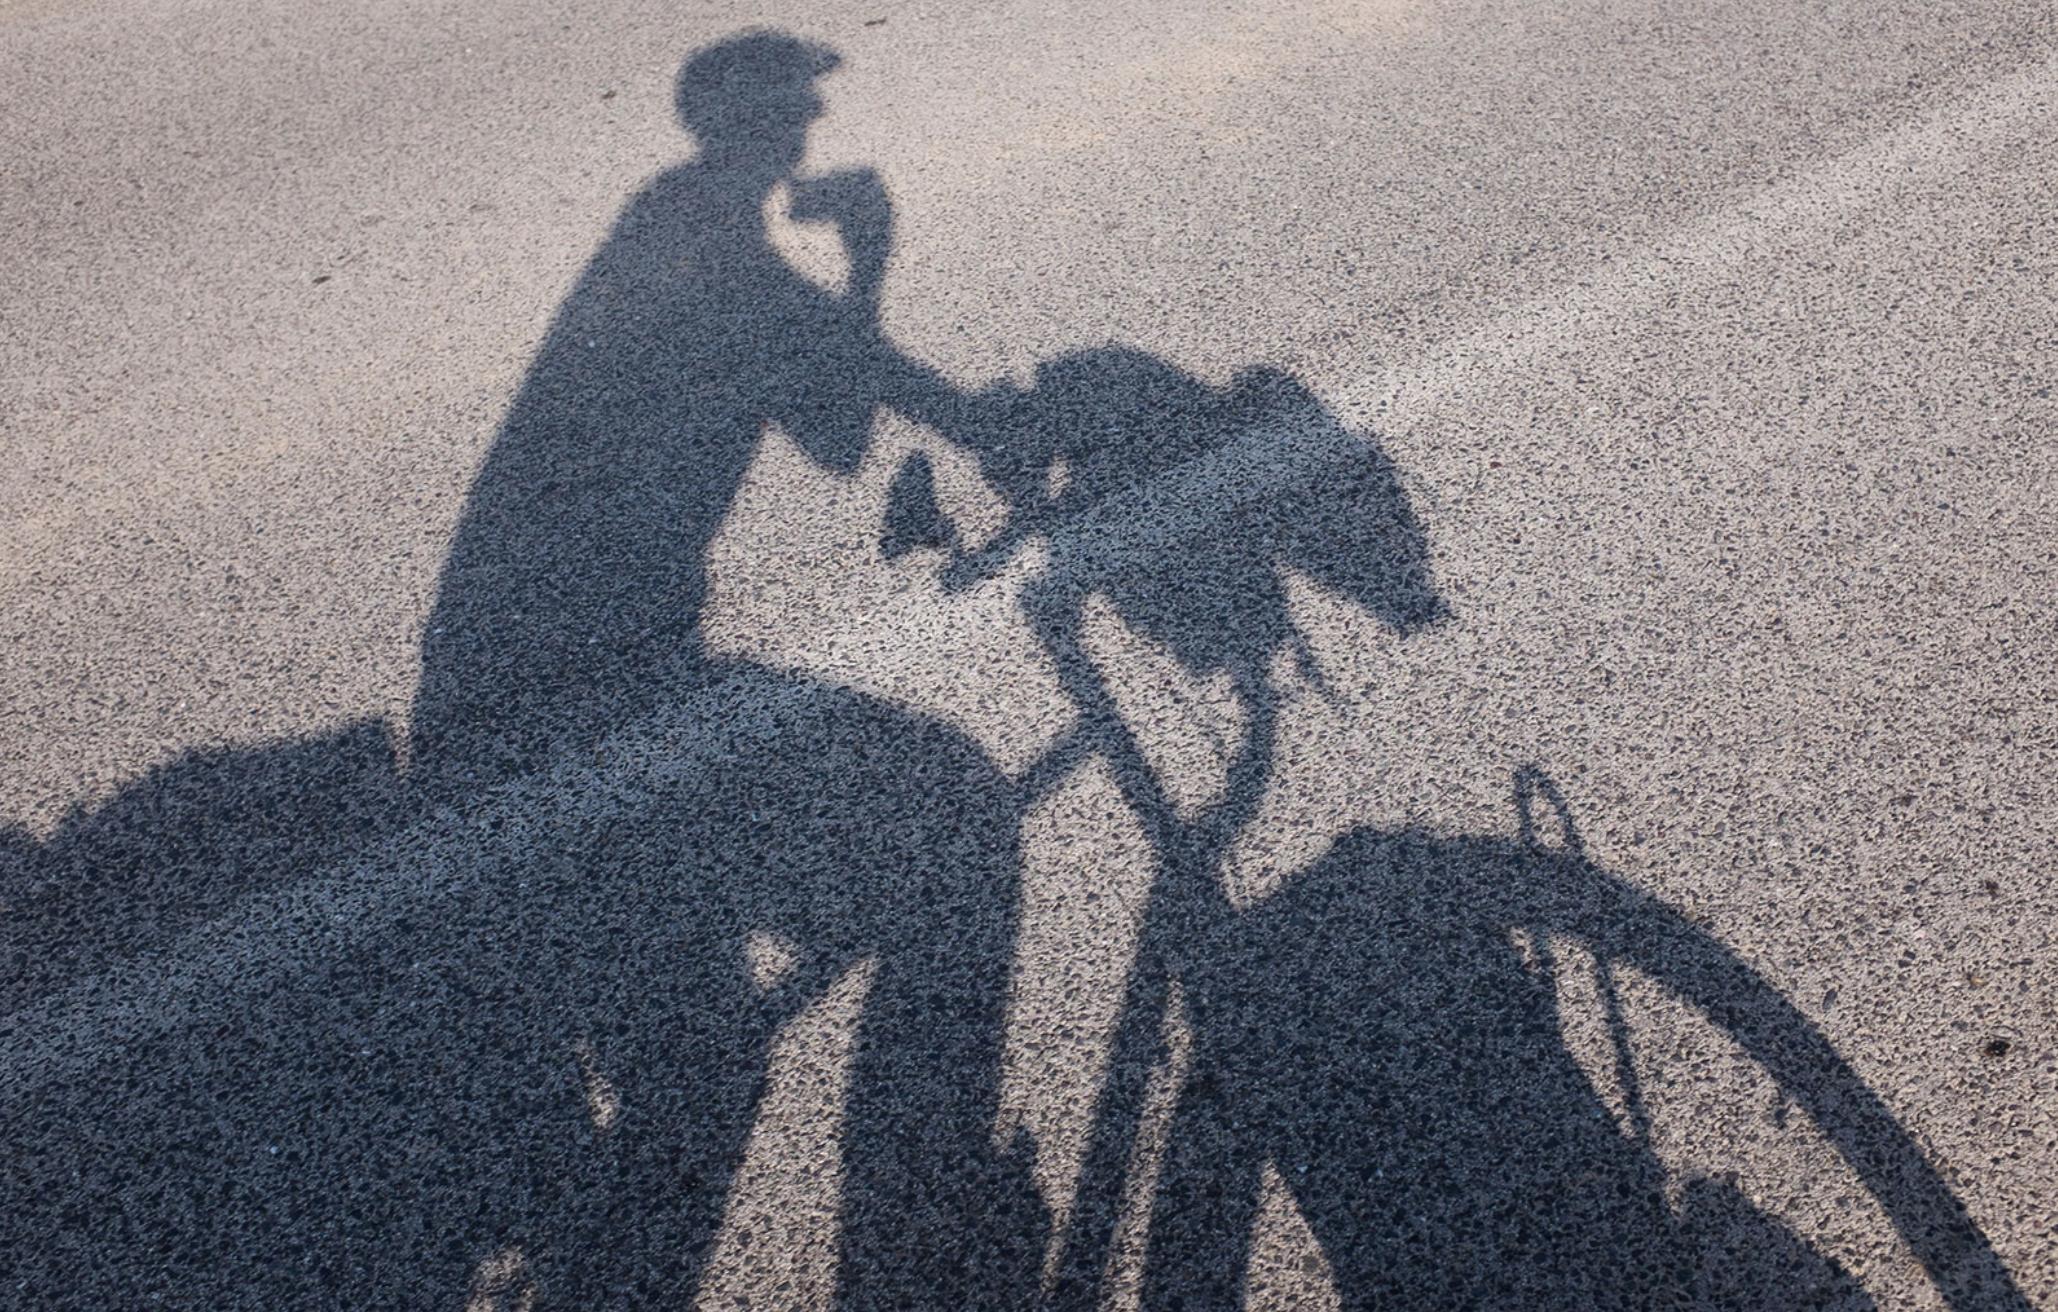 diephuis-trip-bike-3000-miles25.png